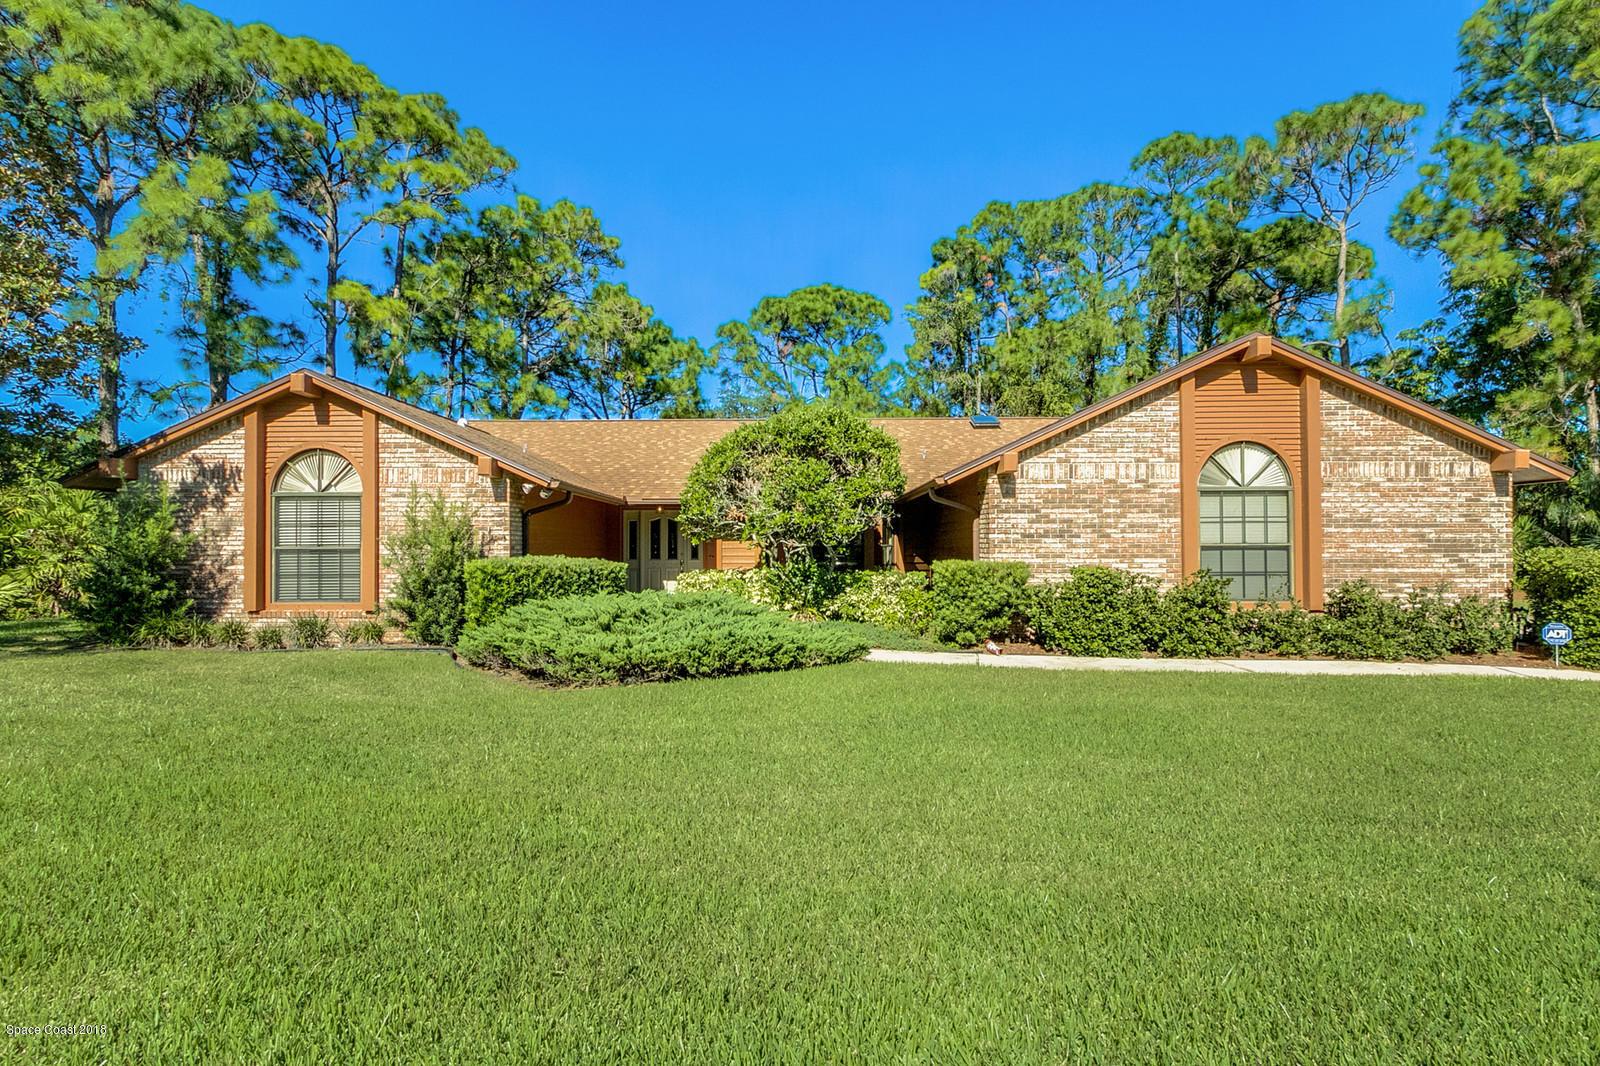 獨棟家庭住宅 為 出售 在 7924 Timberlake 7924 Timberlake West Melbourne, 佛羅里達州 32904 美國